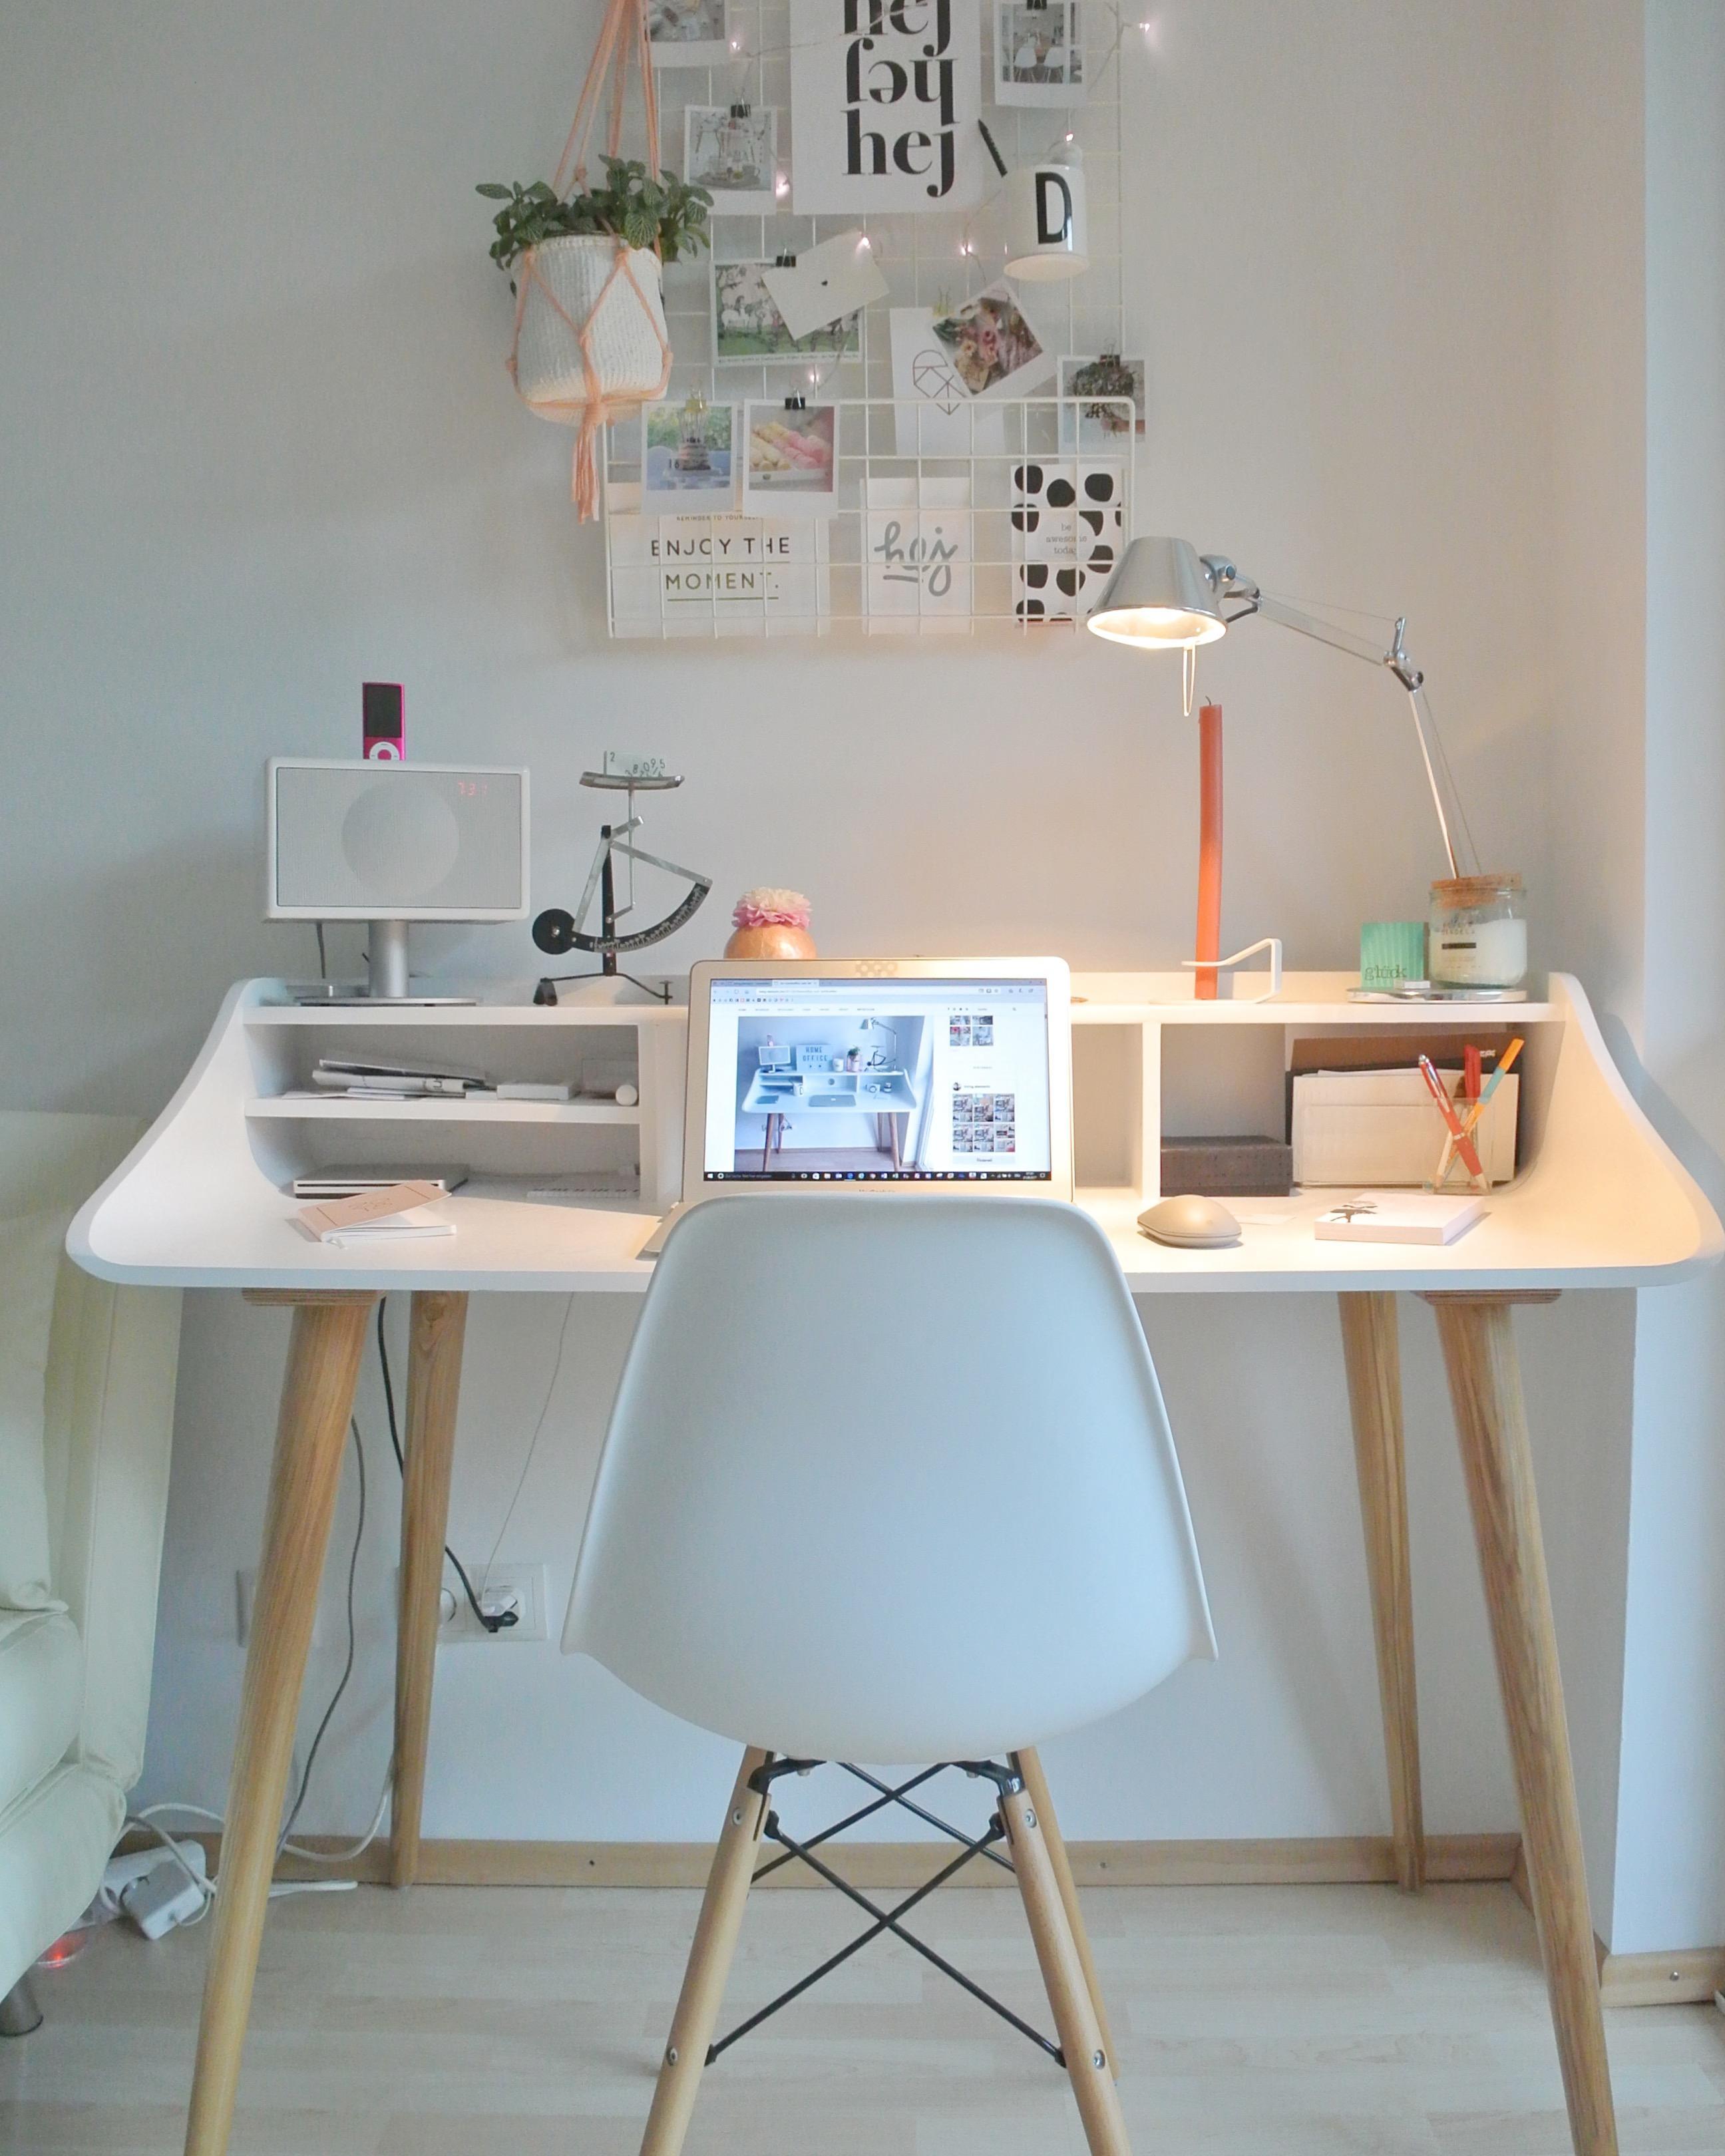 Schreibtisch Im #skandistyle #schreibtisch #homeoffice #schreibtischstuhl  #arbeitsplatz #couchdeskchallenge